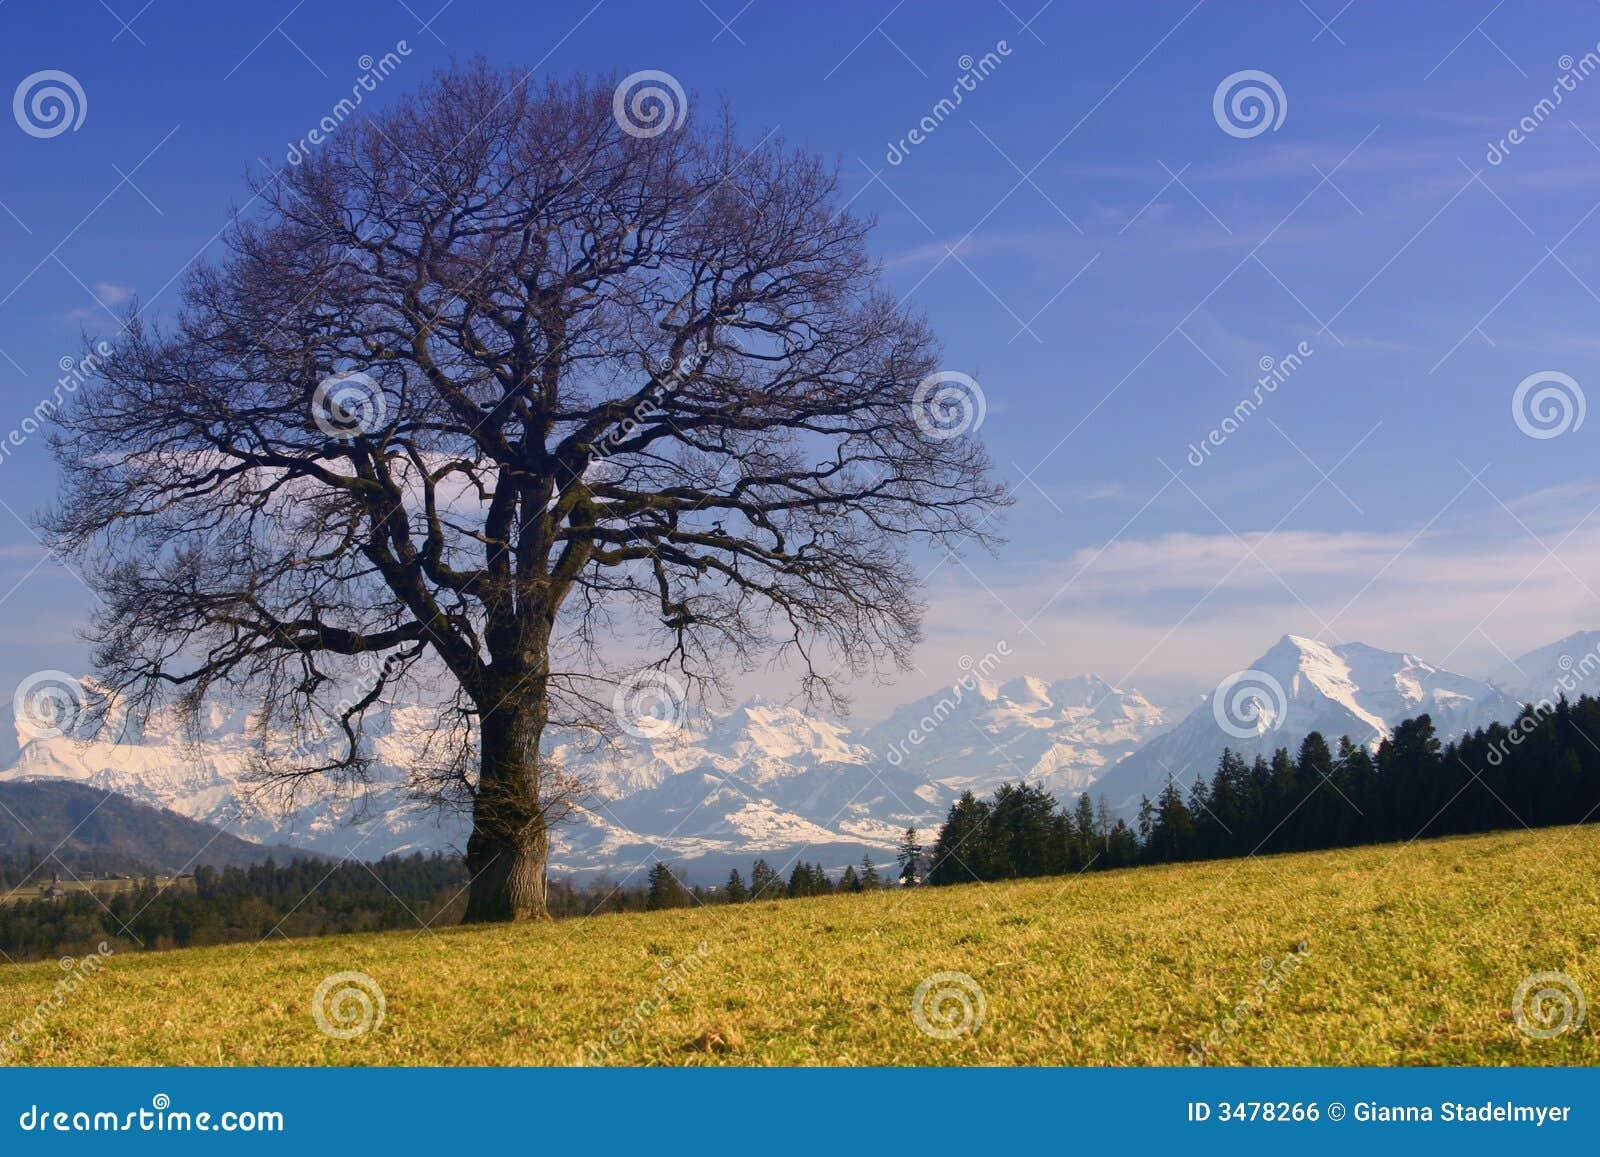 Alpy słoneczne